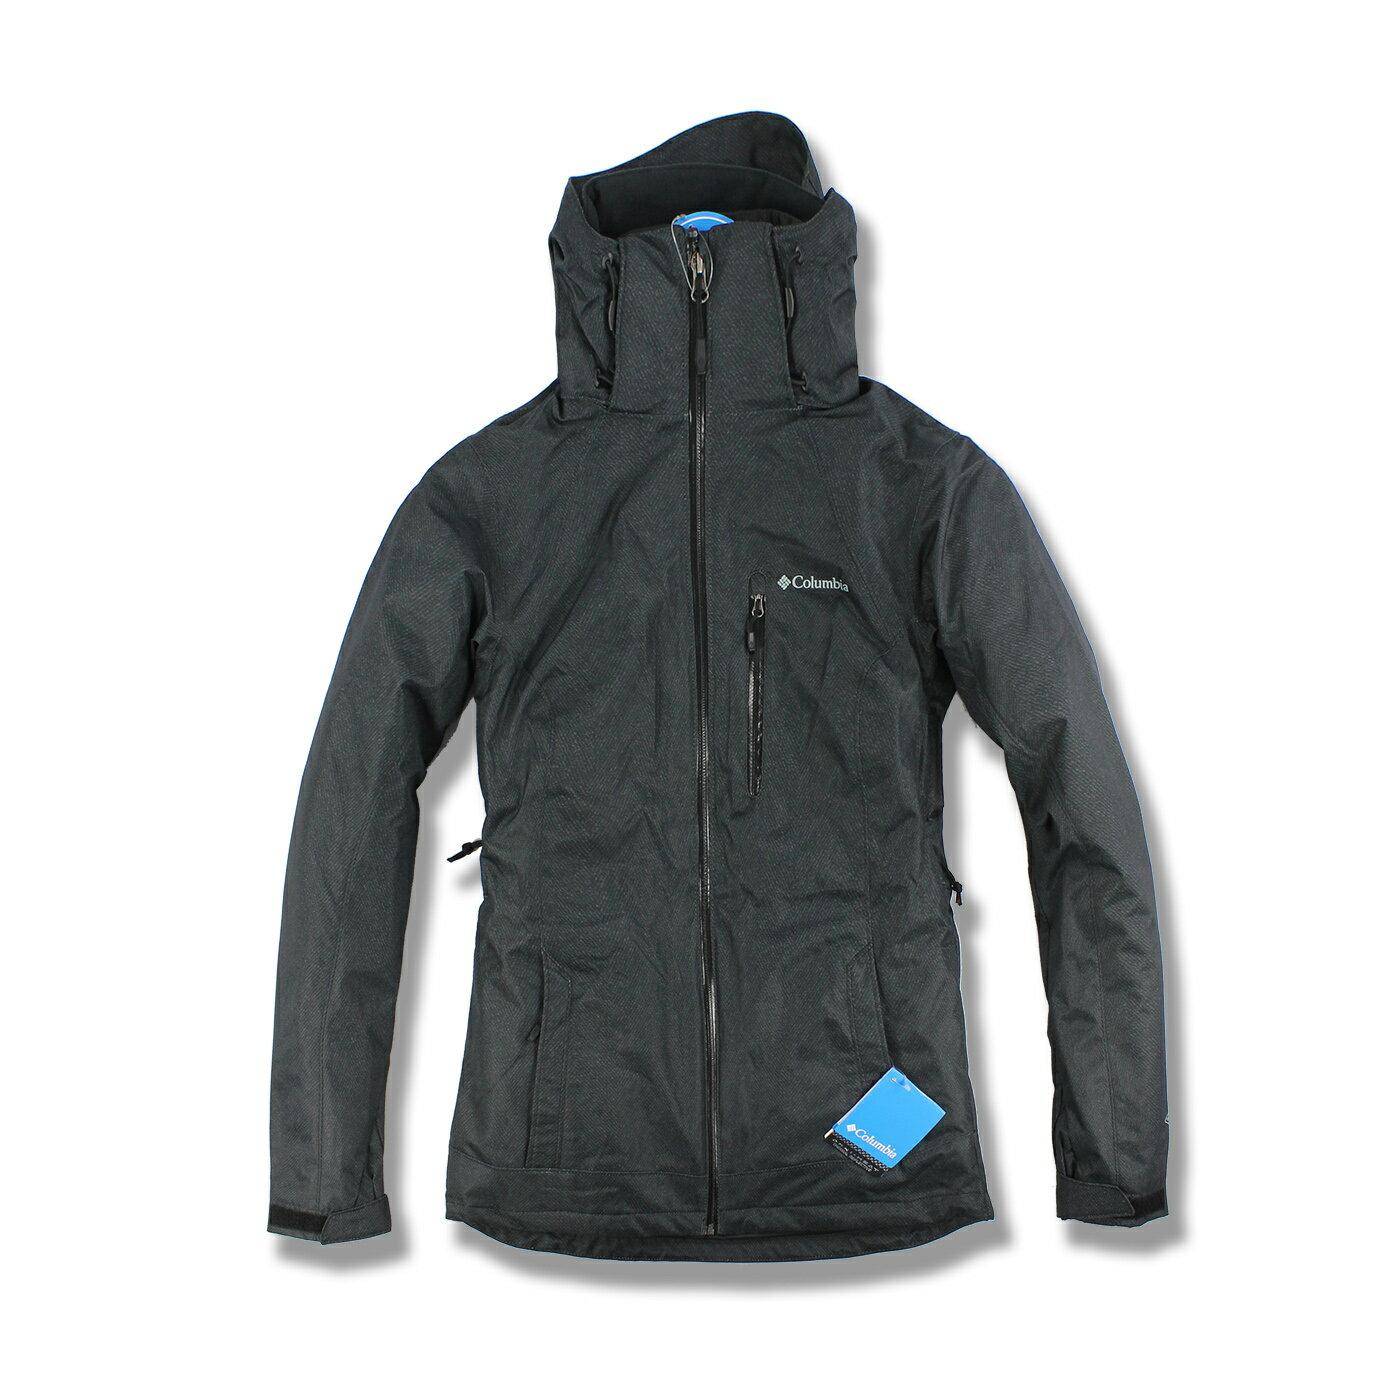 美國百分百【全新真品】Columbia 外套 夾克 連帽外套 哥倫比亞 兩件式 防水 發熱 墨黑色 女 XS號 F682